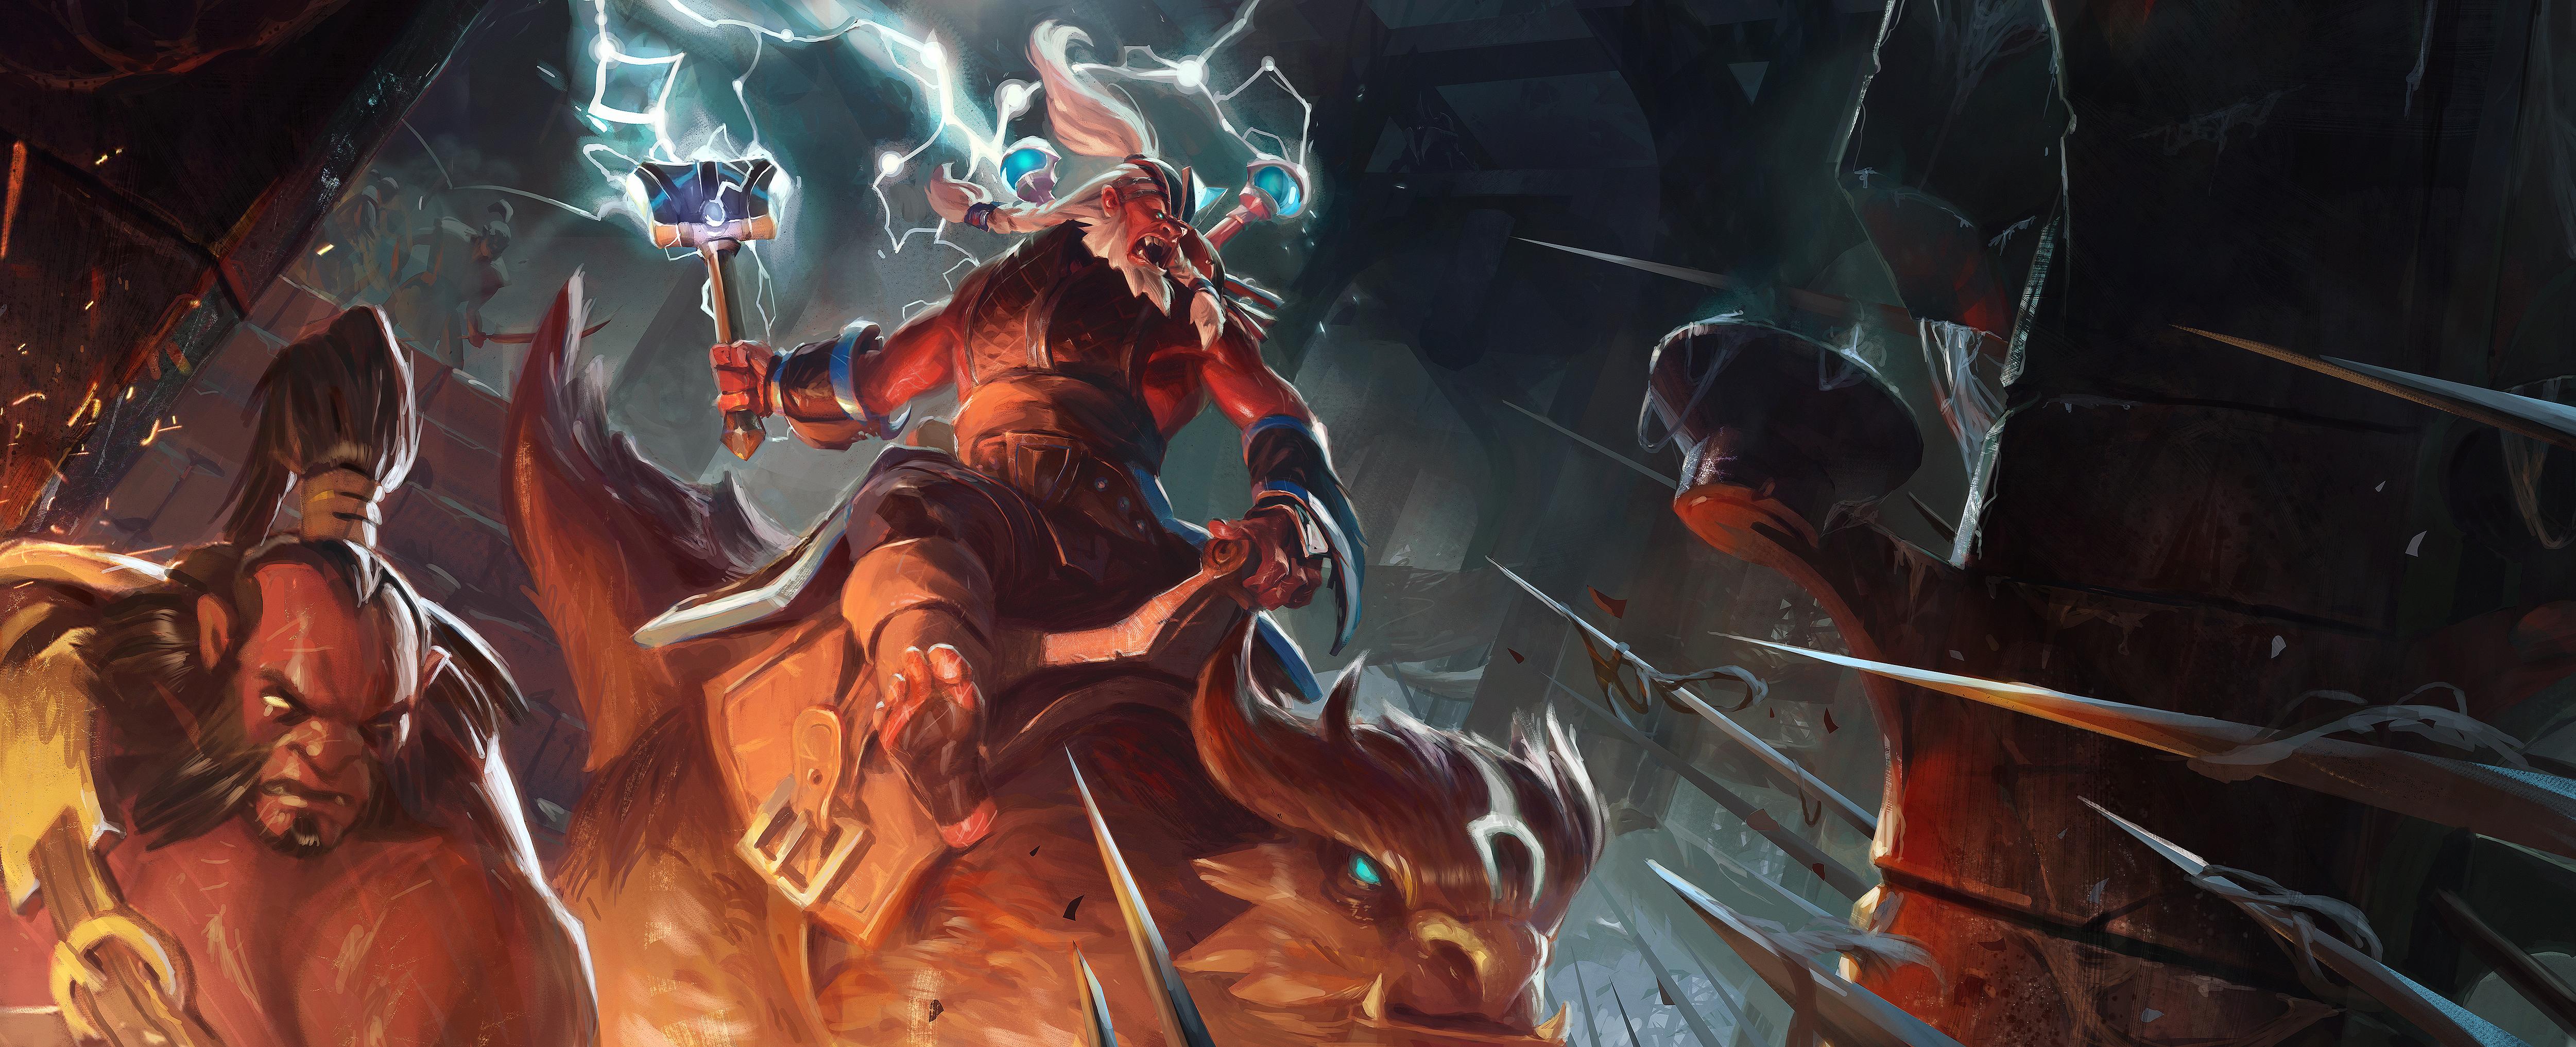 Loạt ảnh nguyên họa của các hero trong DotA 2 - Ảnh 27